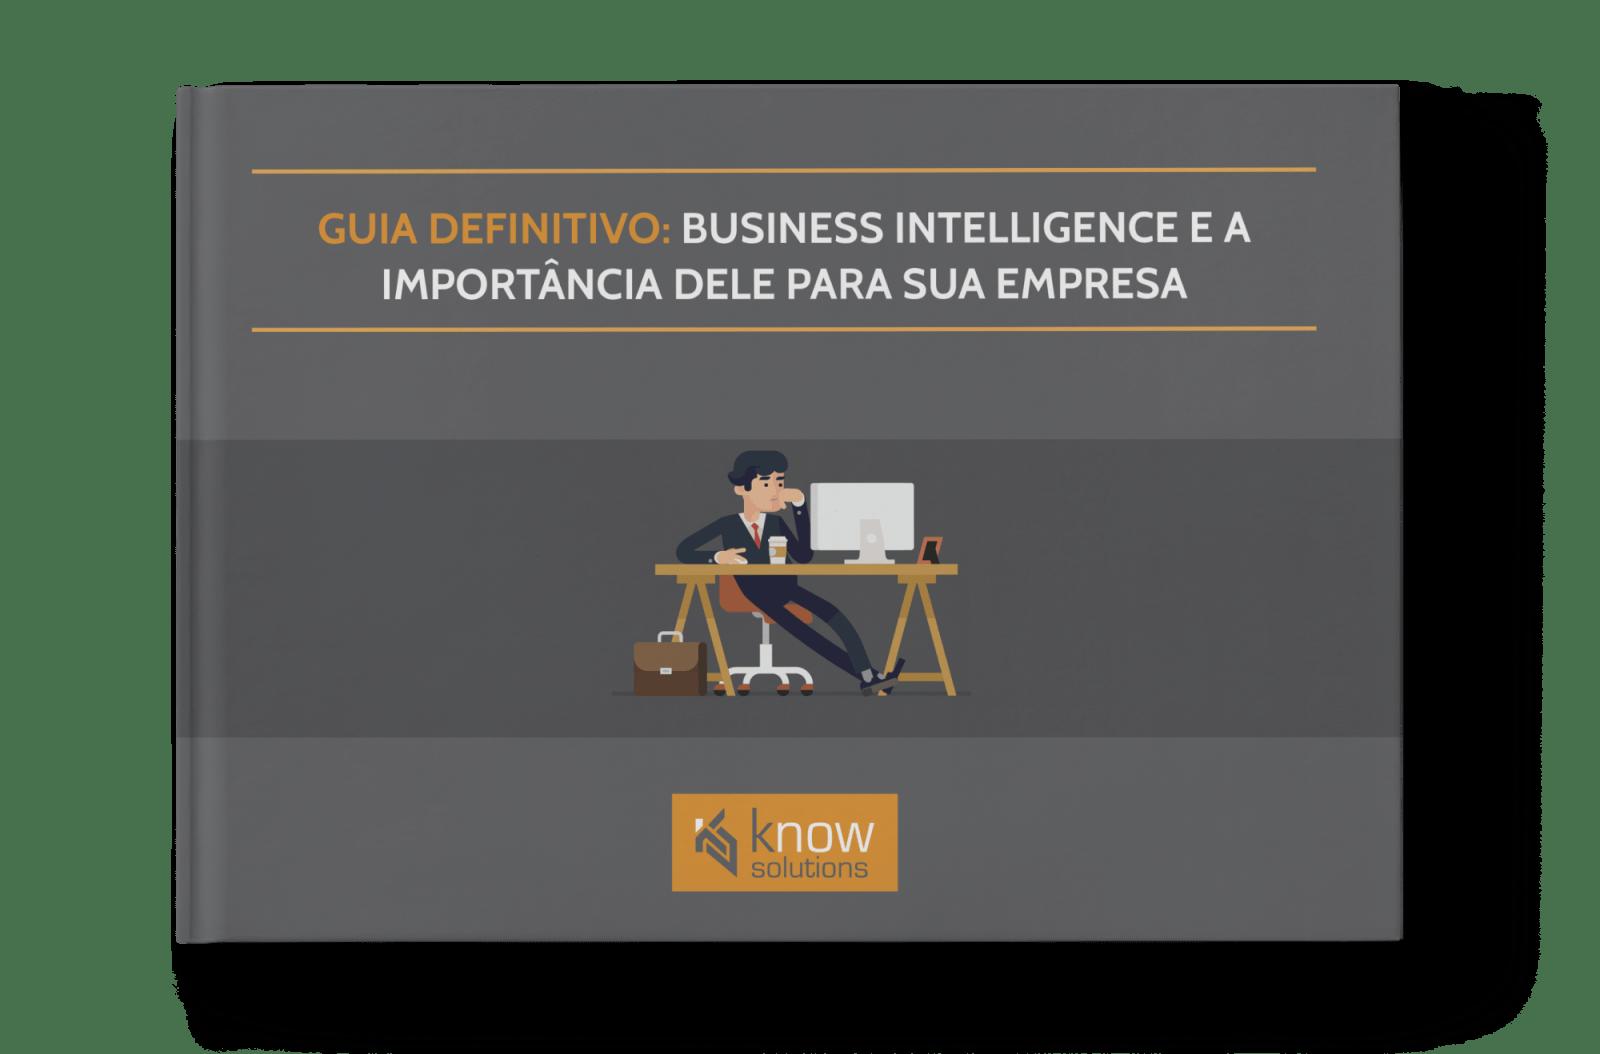 [EBOOK] Business Intelligence e a importância dele para sua empresa 1